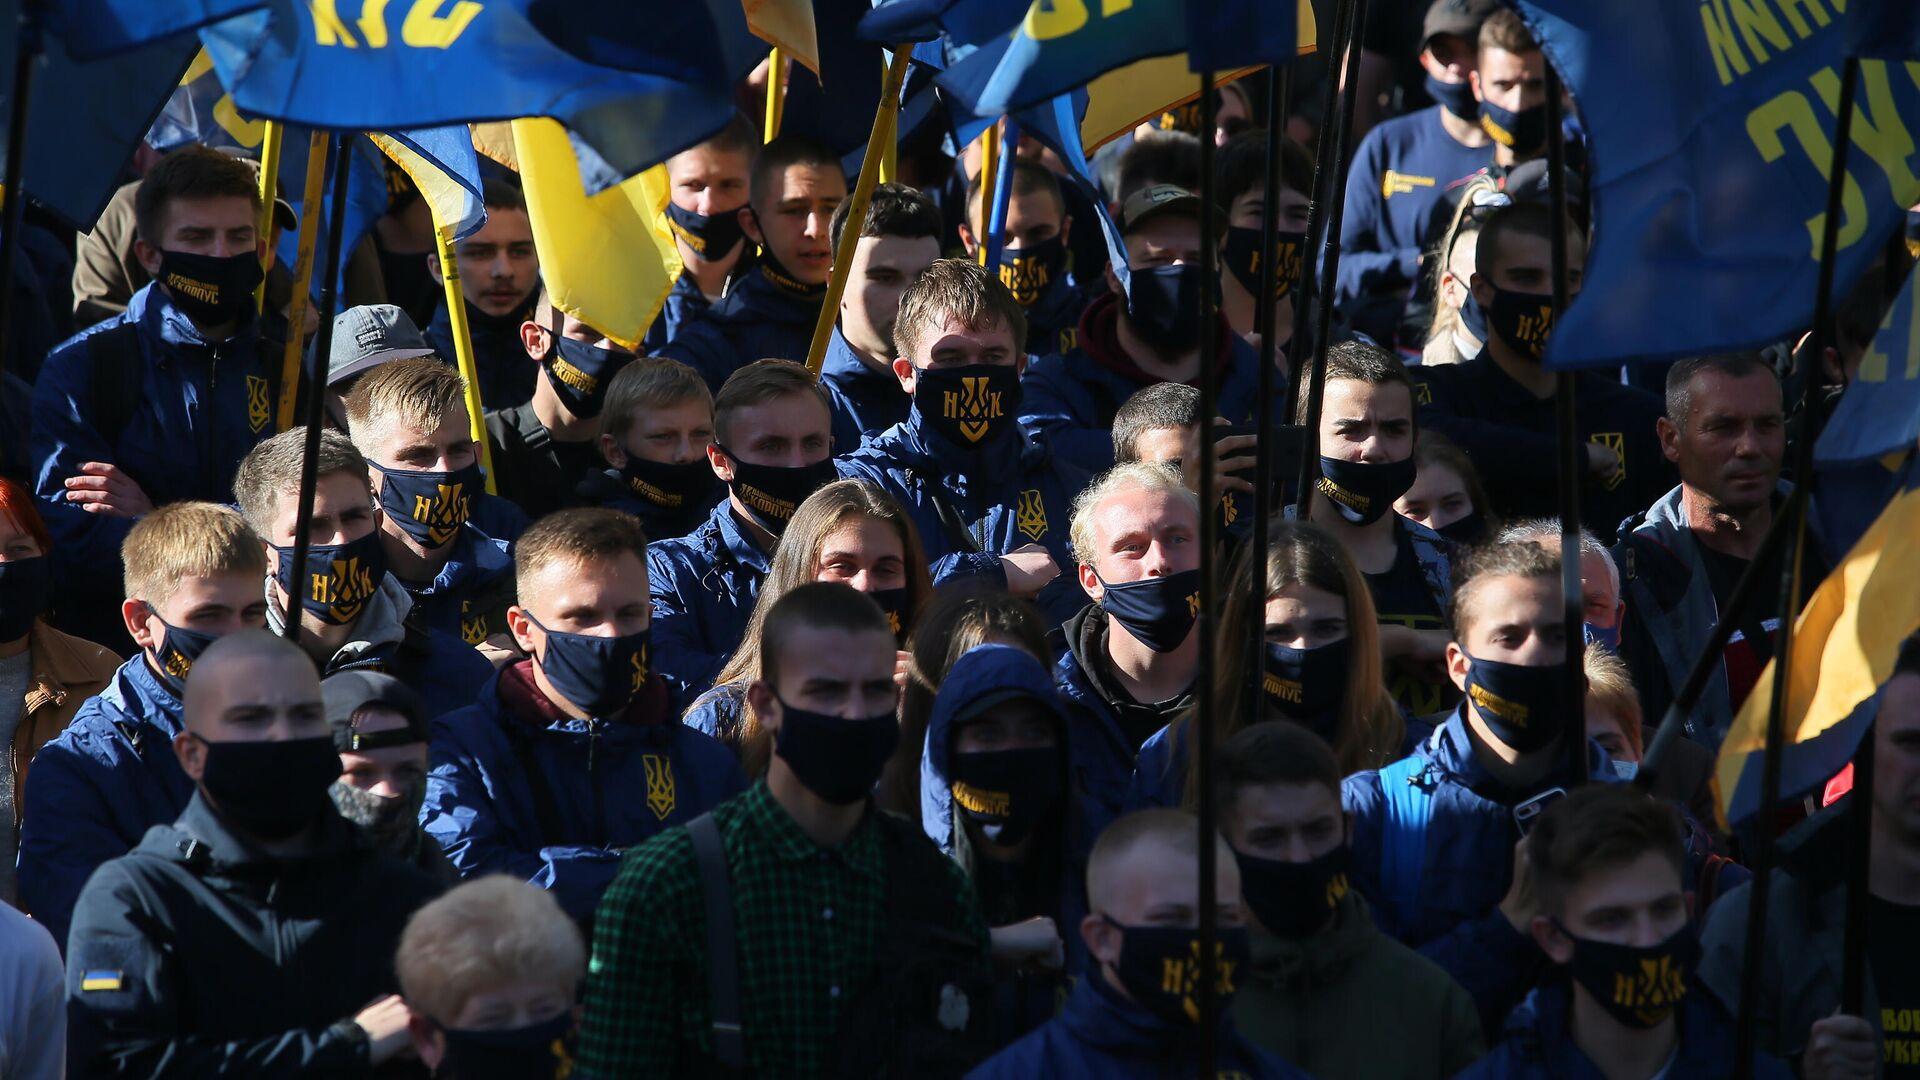 """""""Мракобесие!"""" Украинцы резко ответили подростку, оскорбившему ветерана"""